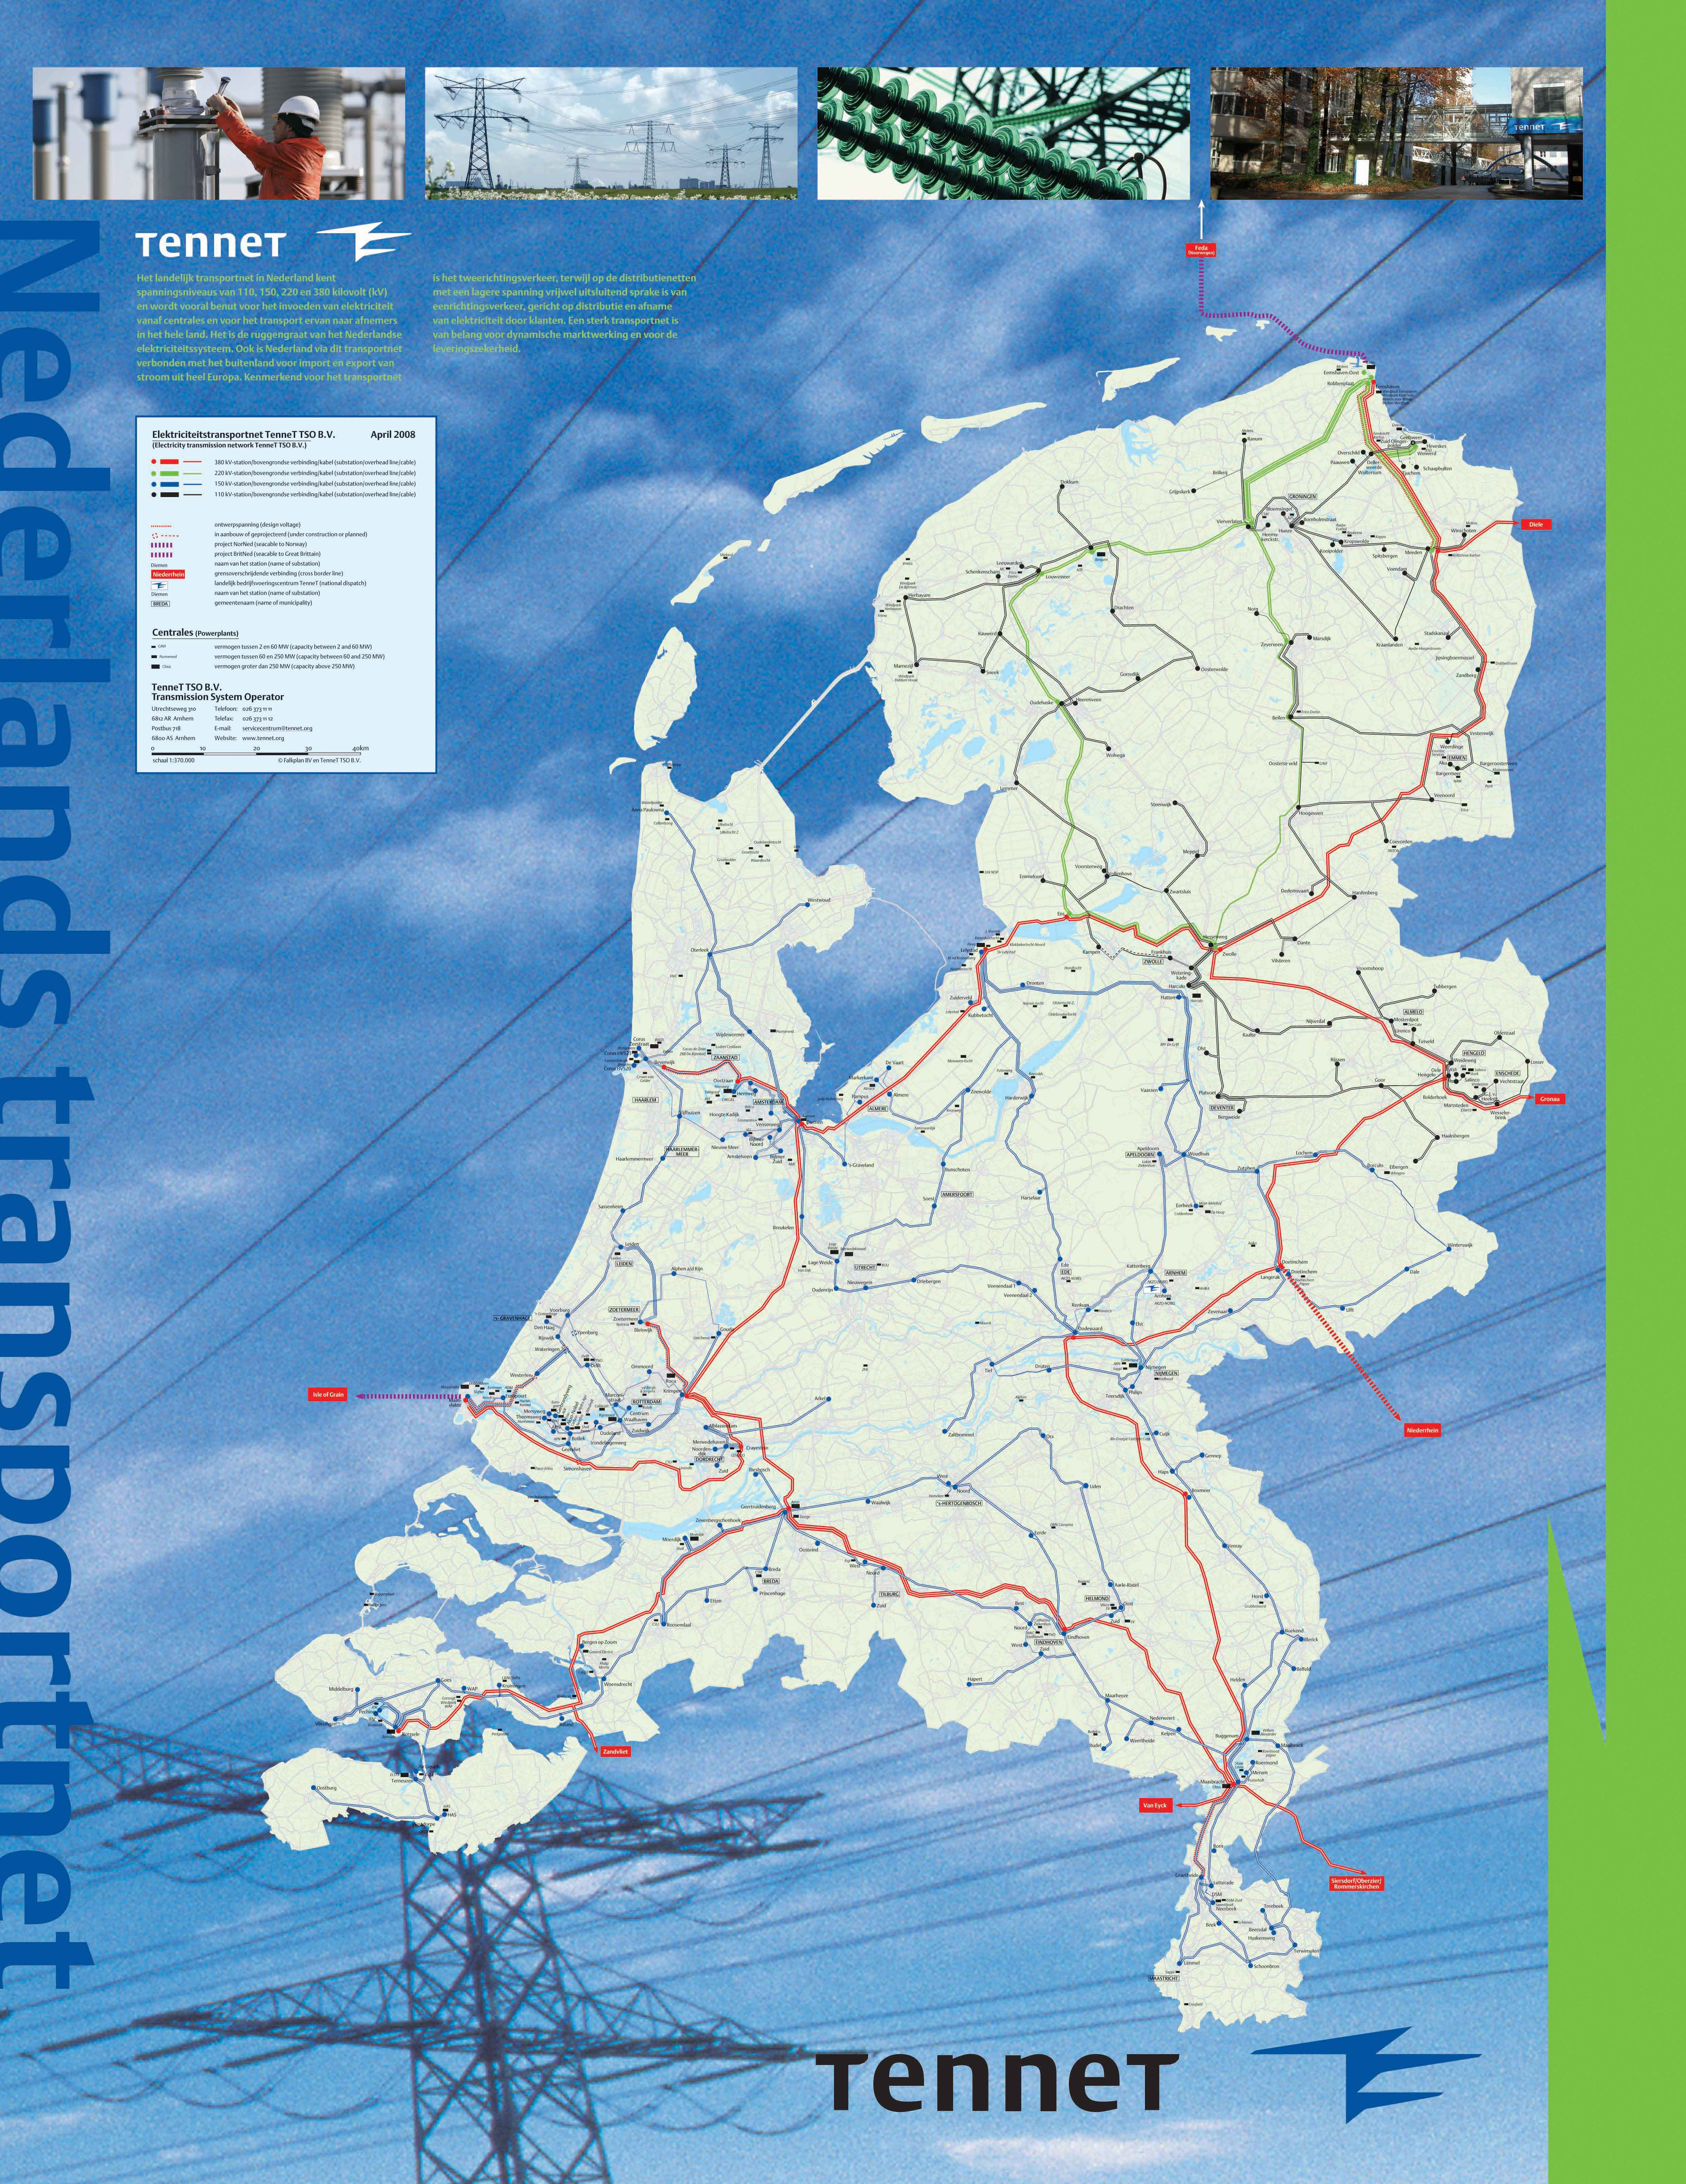 Netkaart van 2008